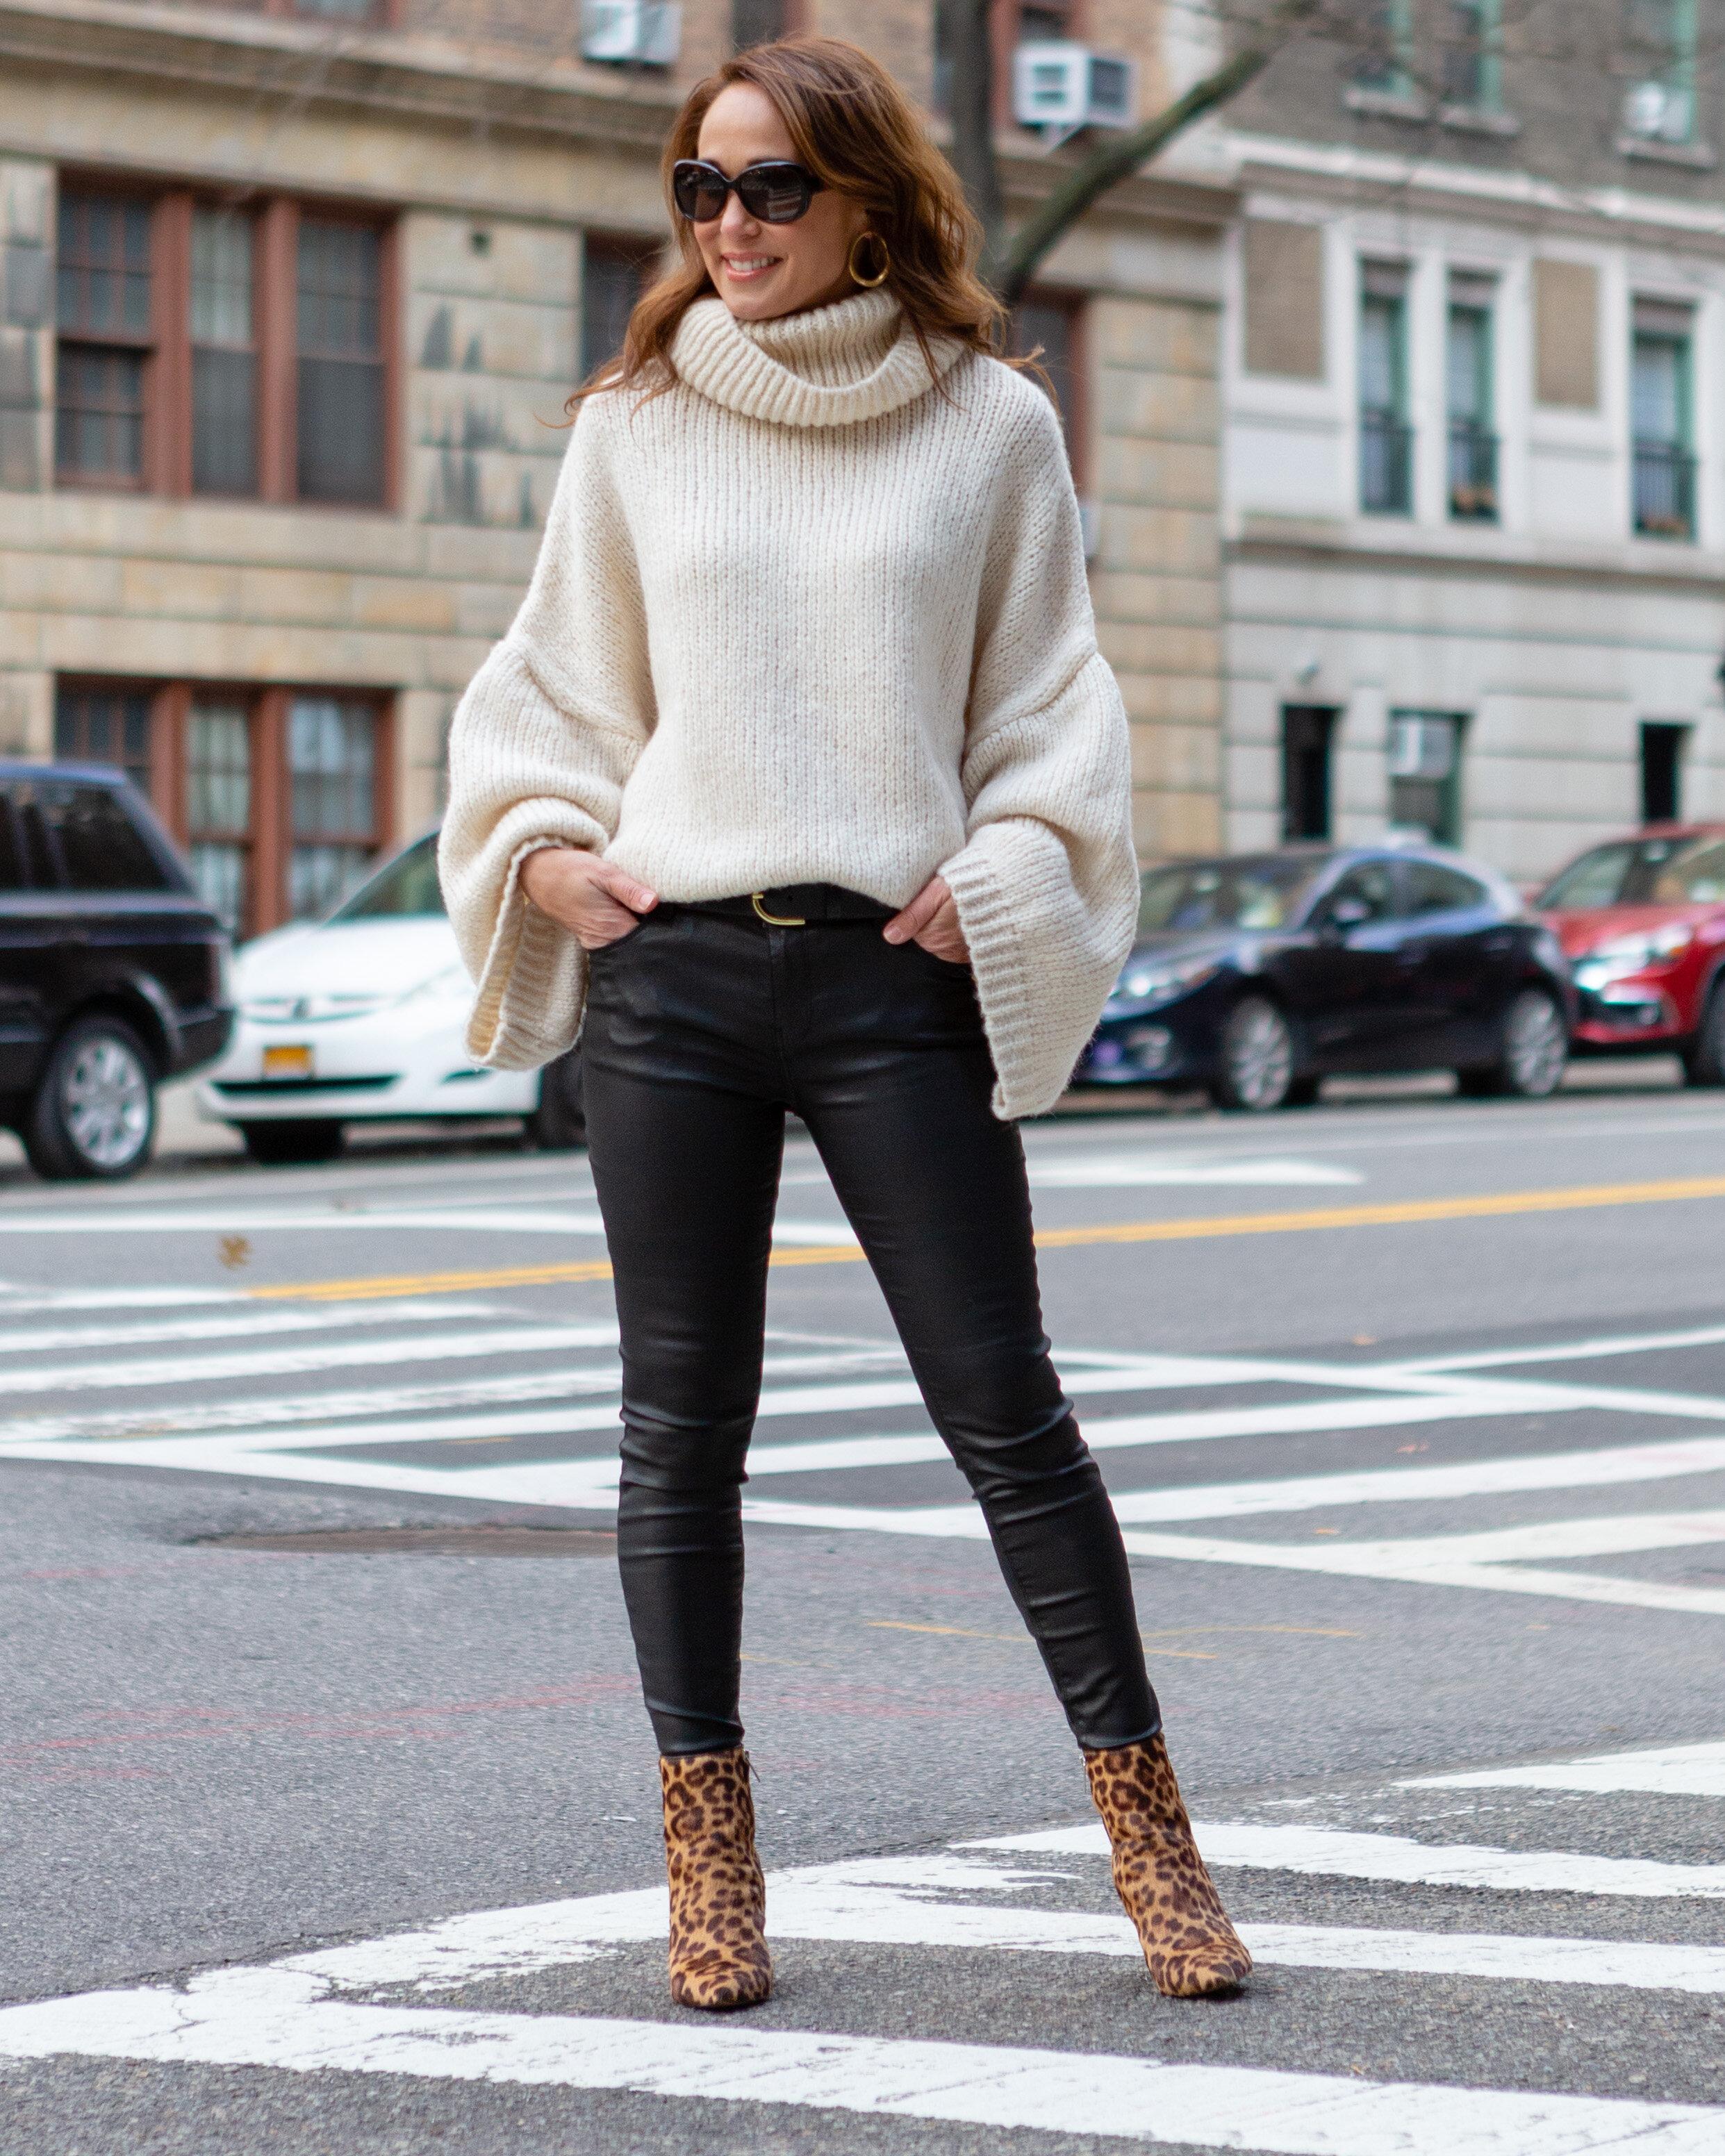 in crosswalk.jpg